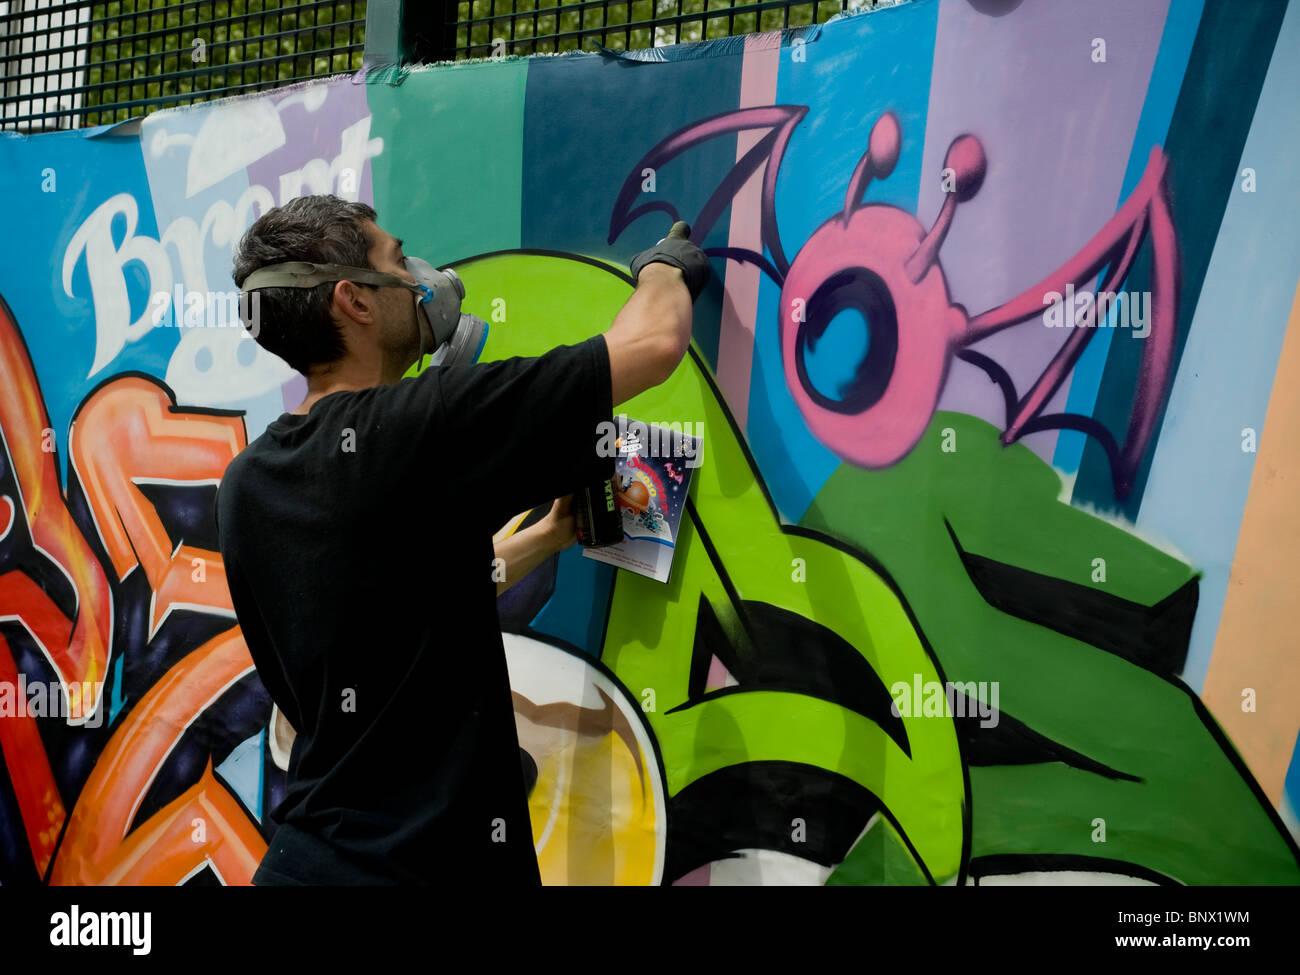 Bombolette Spray Per Murales.Artisti Di Graffiti A Brent Rispetto Festival Rendendo Un